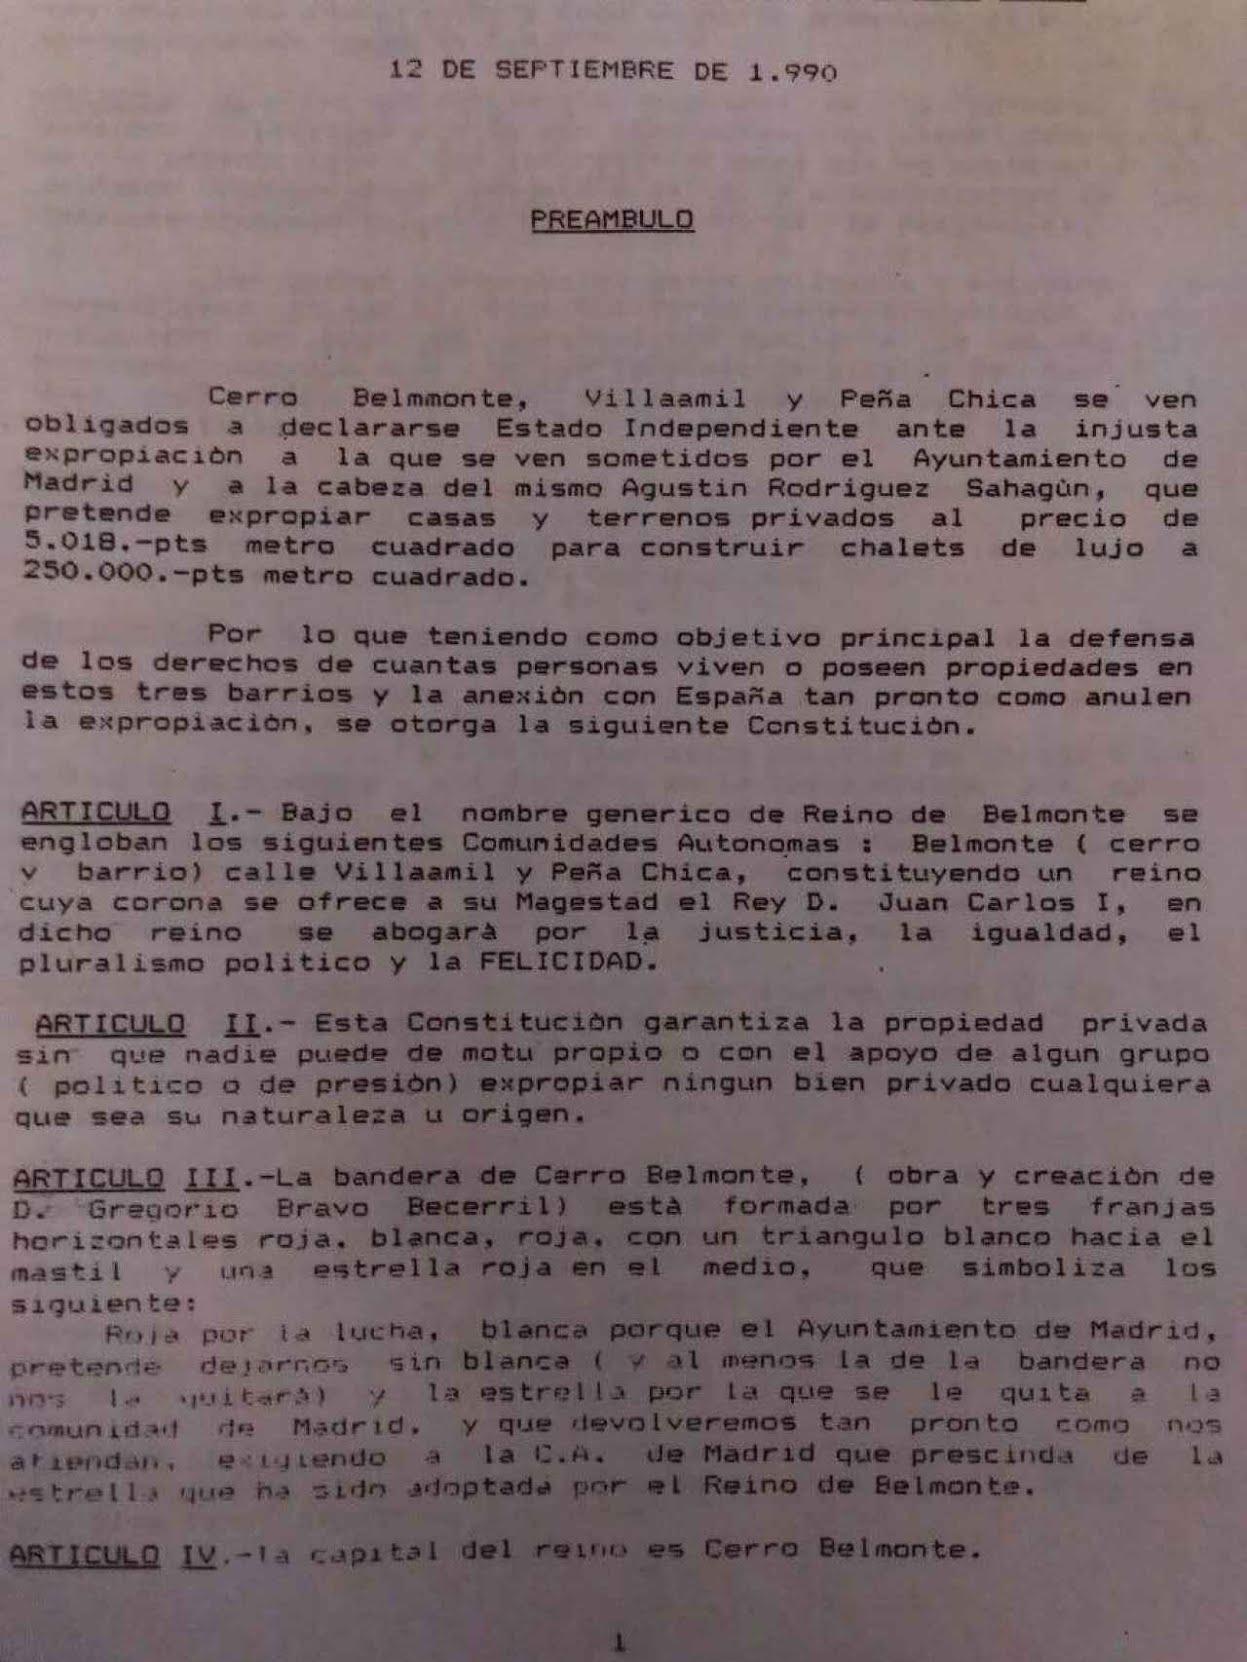 Primera hoja de la Constitución de Cerro Belmonte, aprobada tras referéndum en septiembre del 90.